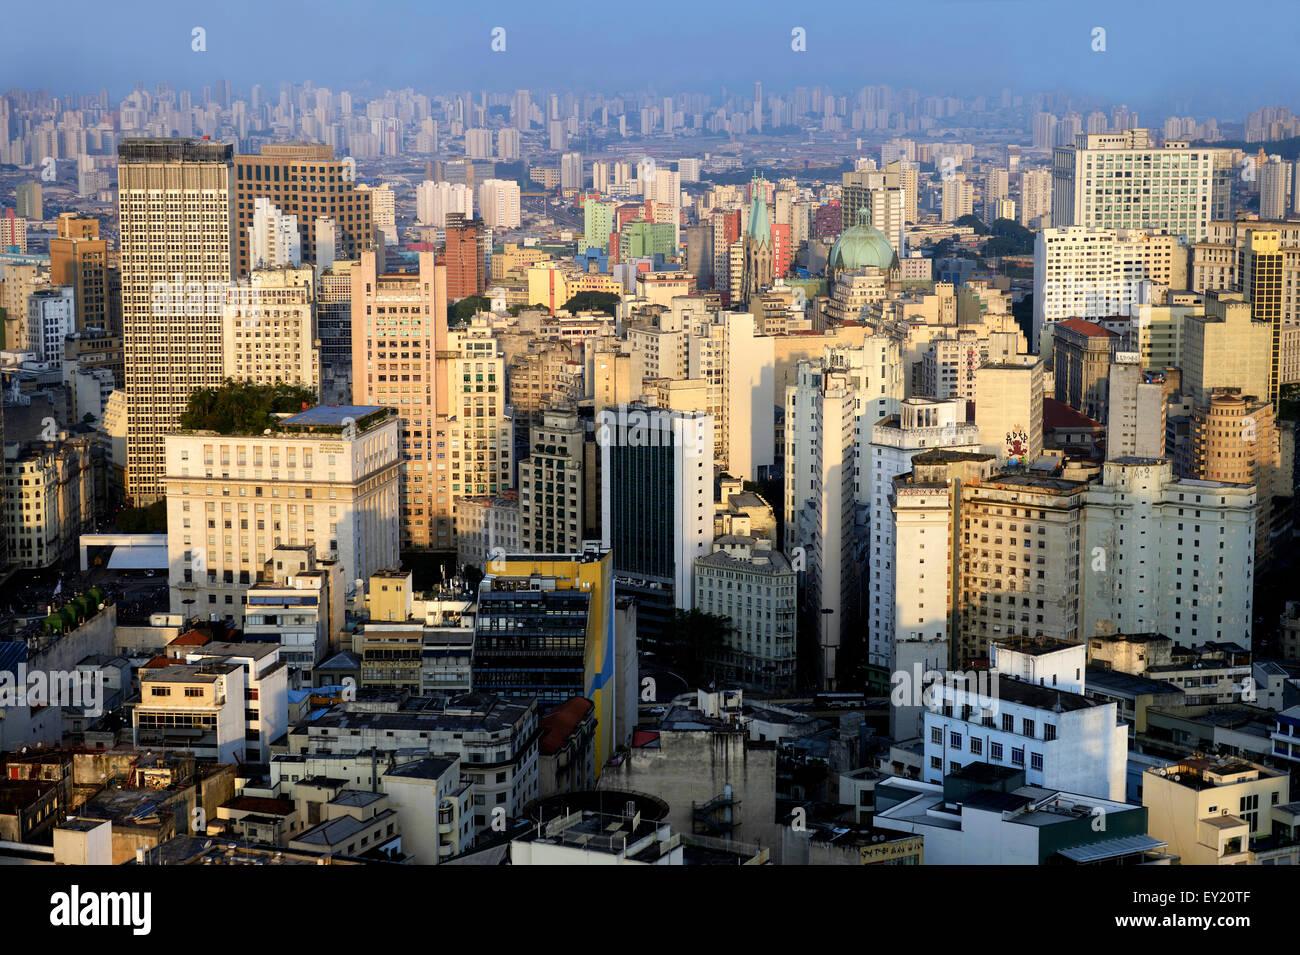 Ciudad con rascacielos, São Paulo, Brasil Imagen De Stock